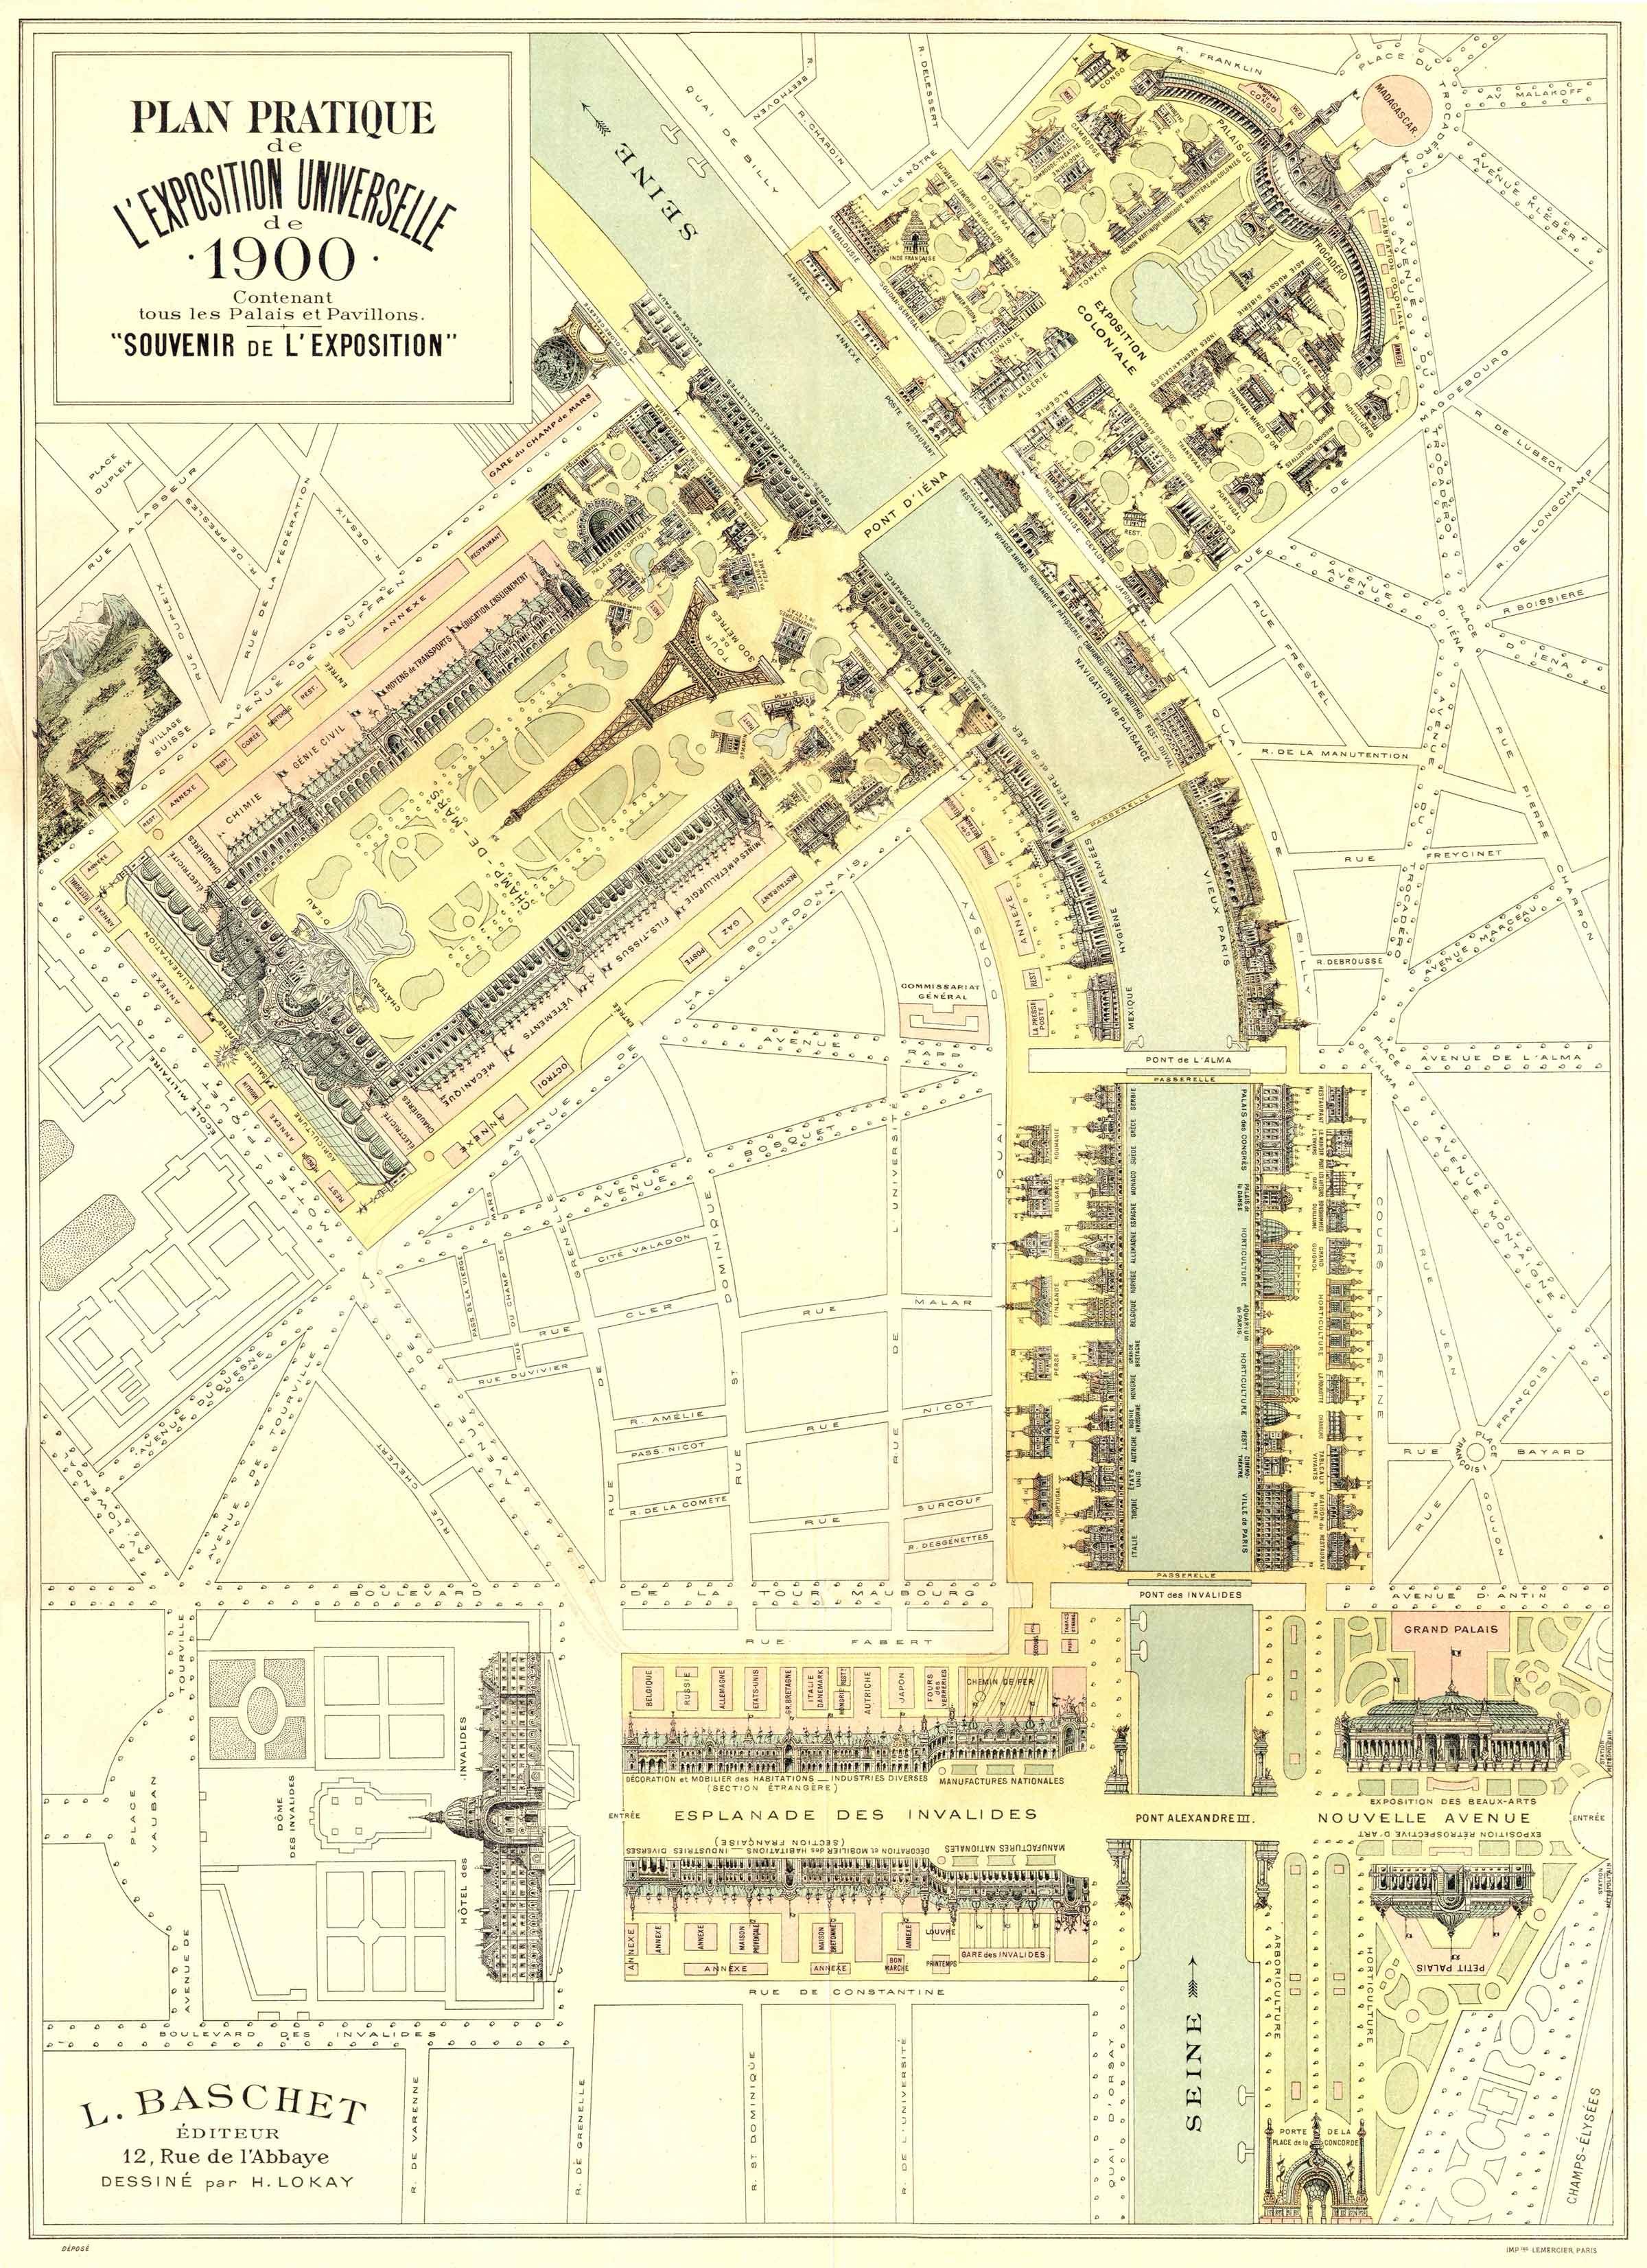 Exposition universelle 1900 Plan Pratique Plan pratique de lexposition universelle de Paris en 1900  information histoire carte information